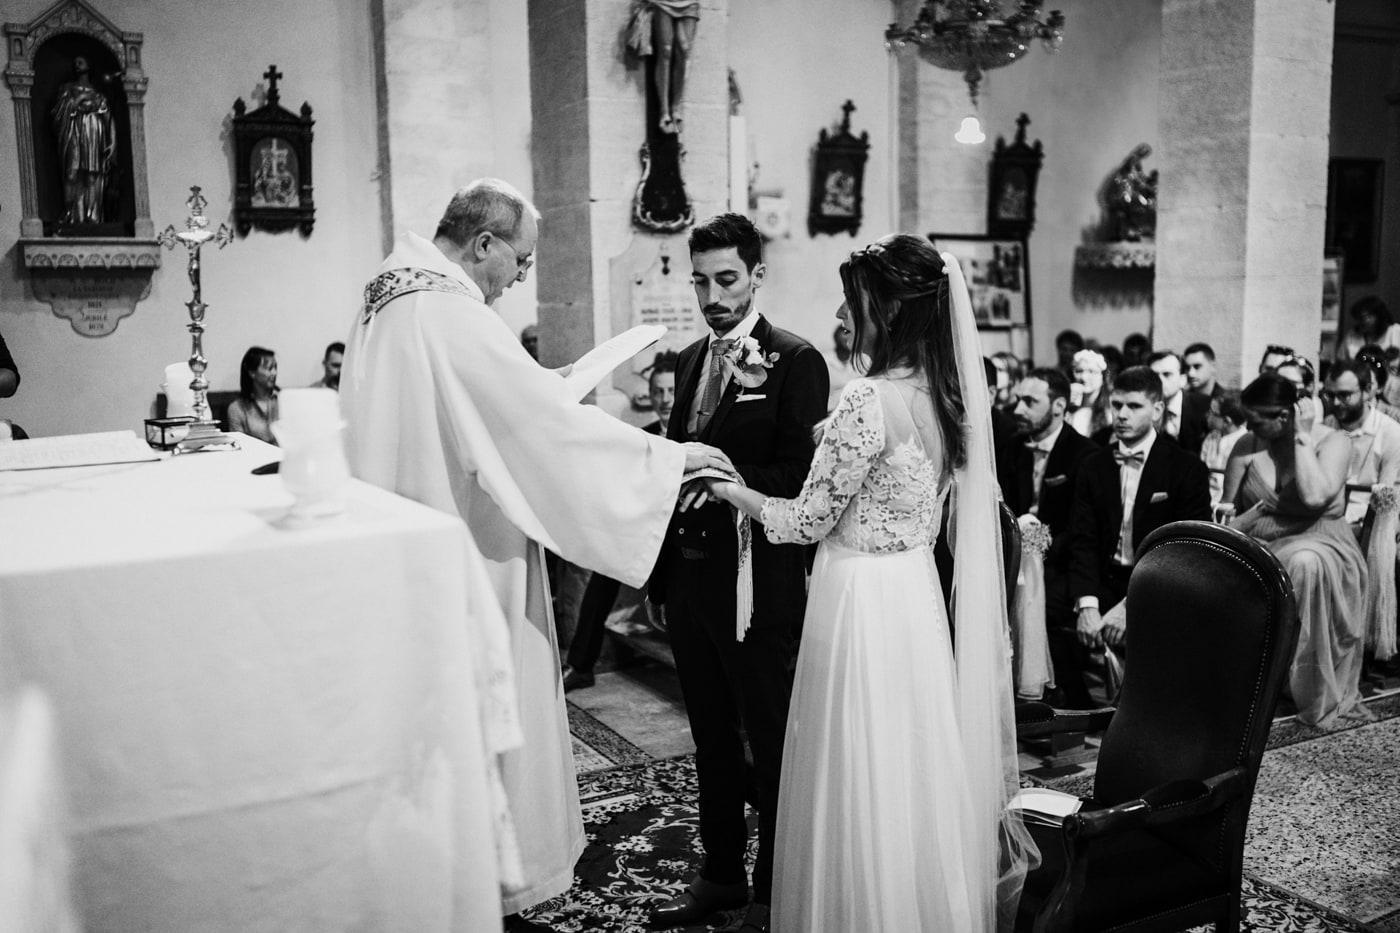 Mariage religieux-Jonquerette-Mariage chic et moderne sur l'ile de Barthelasse-Delphine Closse